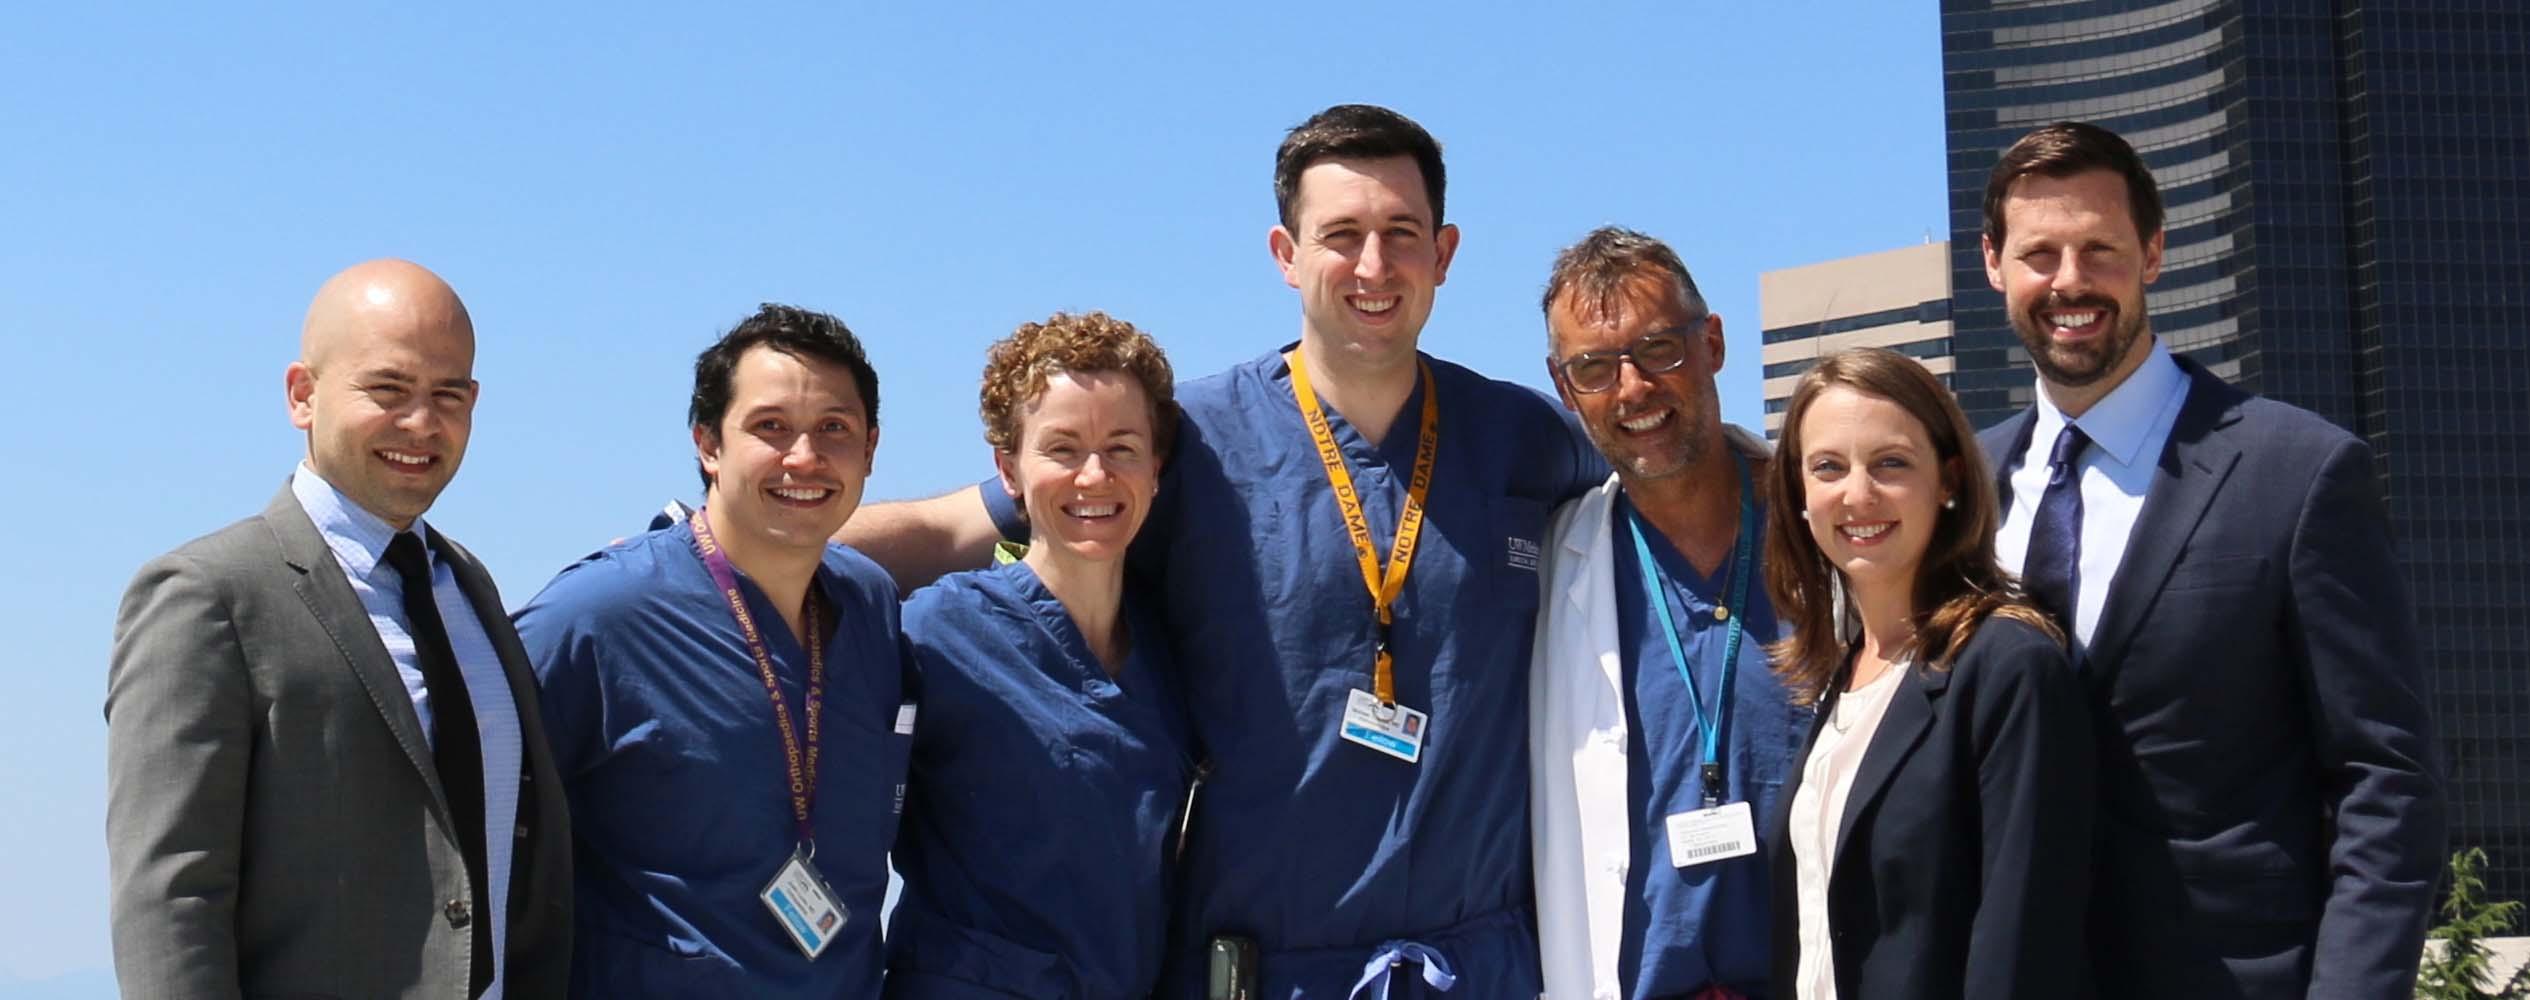 UW Orthopaedics Trauma Team